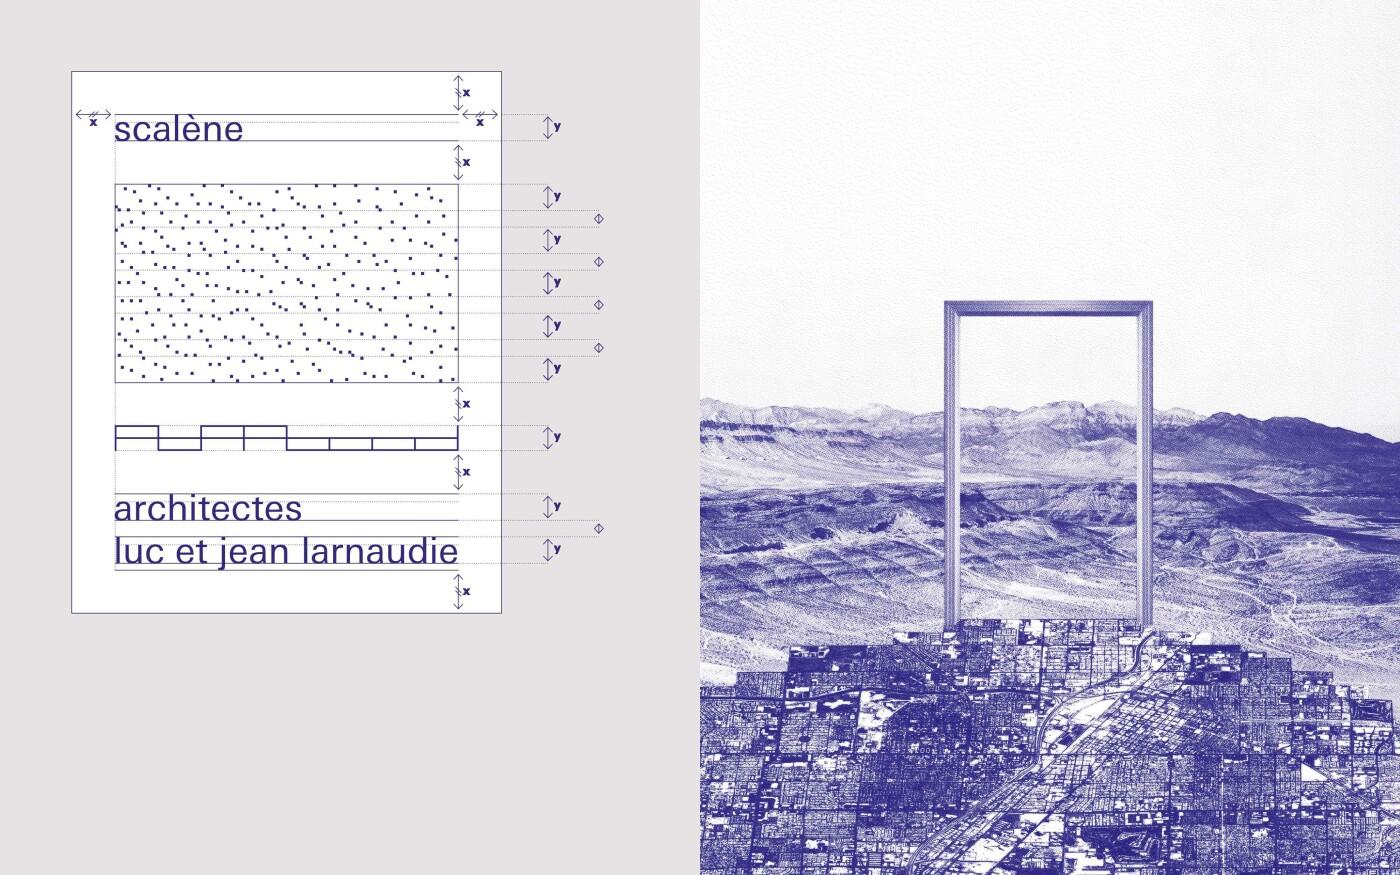 Langage visuel pour Scalène architectes